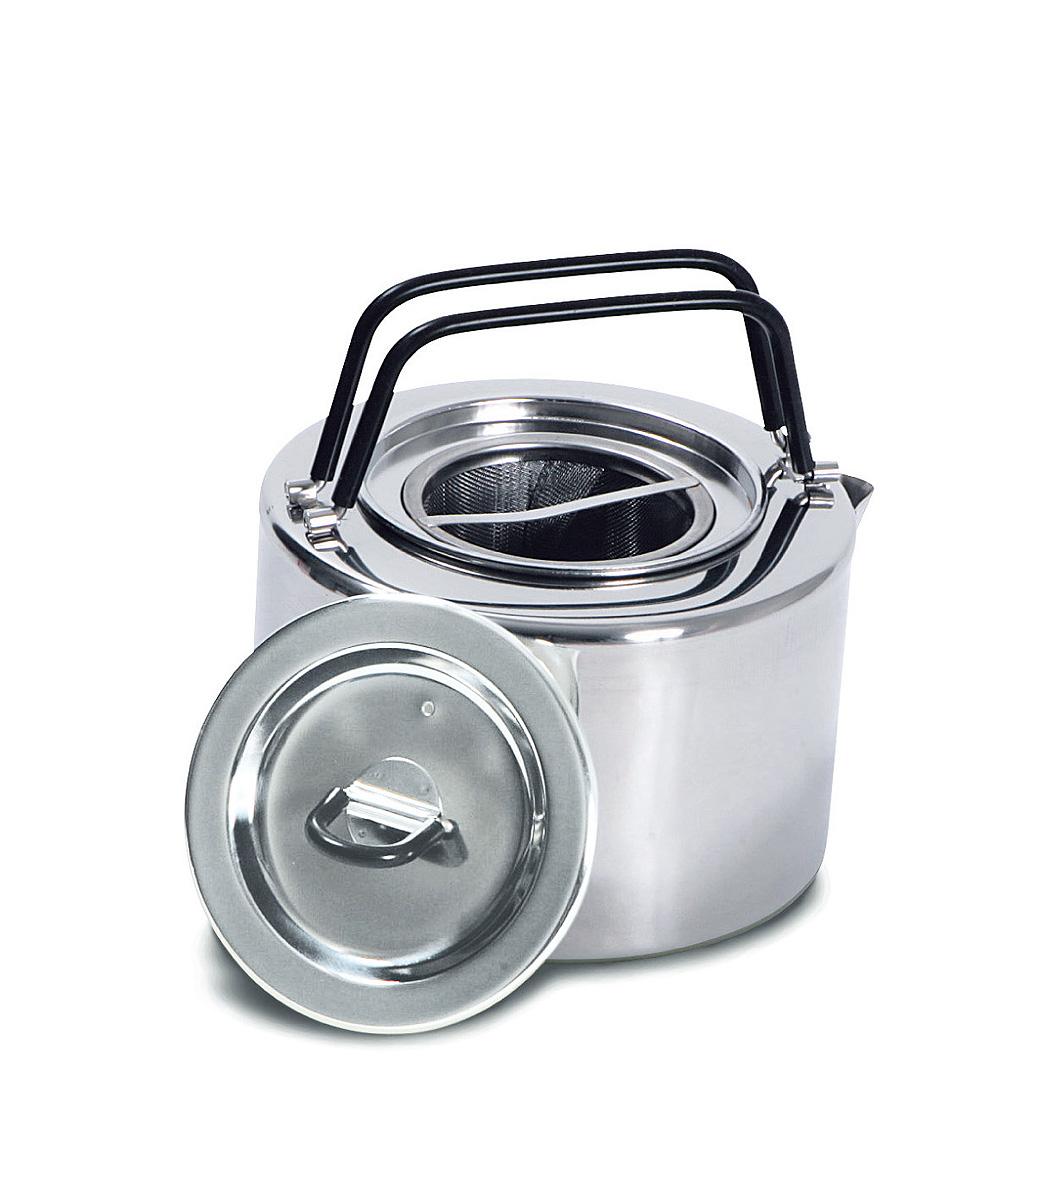 Чайник походный Tatonka Teapot, 1,5 л67742Чайник Tatonka Teapot из нержавеющей стали с термоизолированными ручками и компактным дизайном. Замечательно подходит для использования дома и на выезде. В комплекте ситечко из нержавеющей стали.Преимущества и особенности:Высококачественная нержавеющая сталь.Складные термоизолированные ручки.Крышка со складной термоизолированной ручкой.Компактный дизайн.Ситечко из нержавеющей стали.Диаметр чайника: 14,5 см.Высота чайника: 9 см.